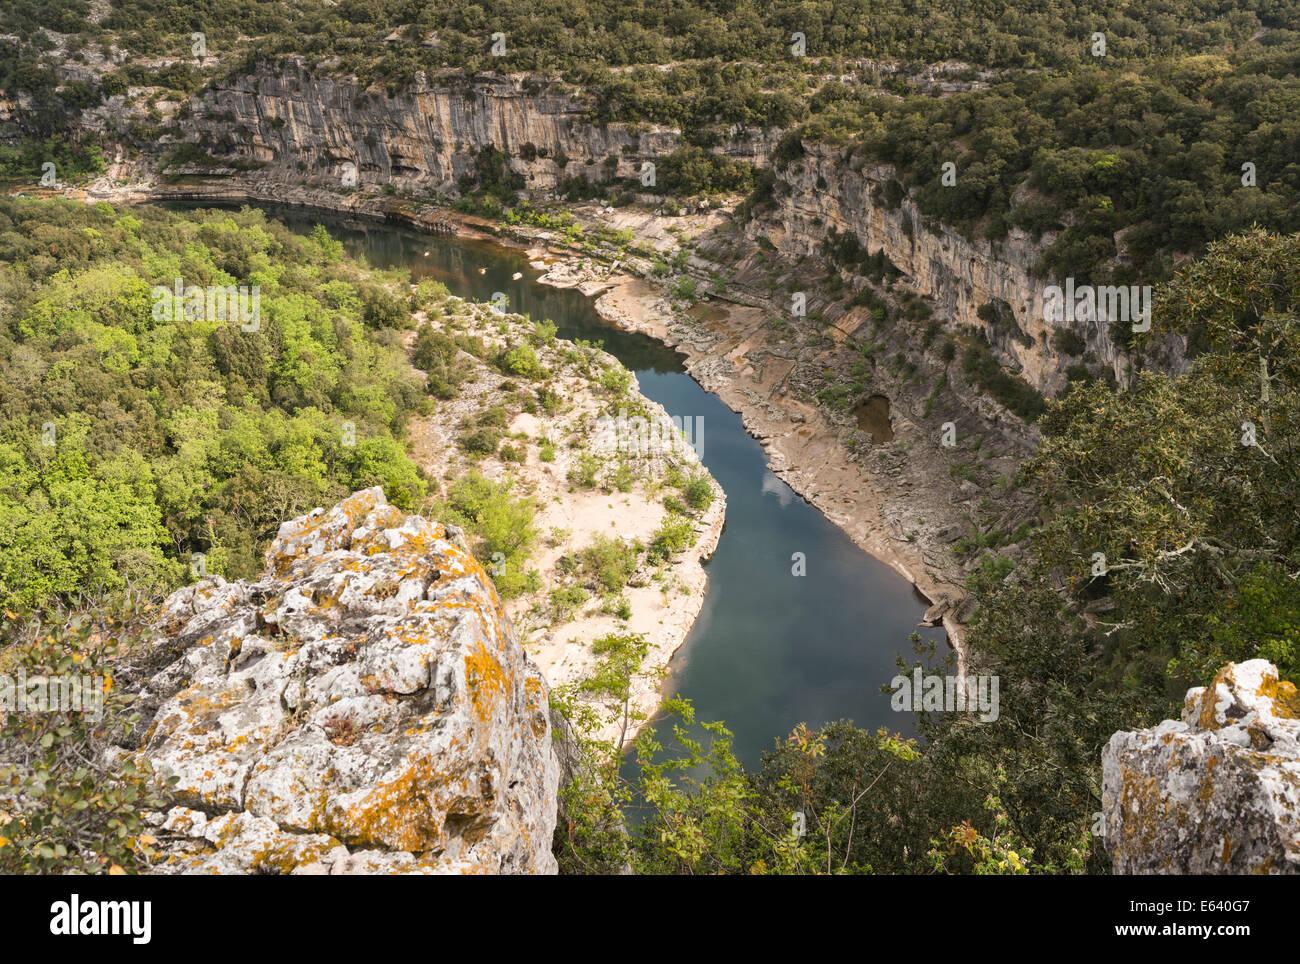 Ardèche Gorges, Gorges de l'Ardèche, view from the Belvédère de Ranc-Pointu lookout on the - Stock Image